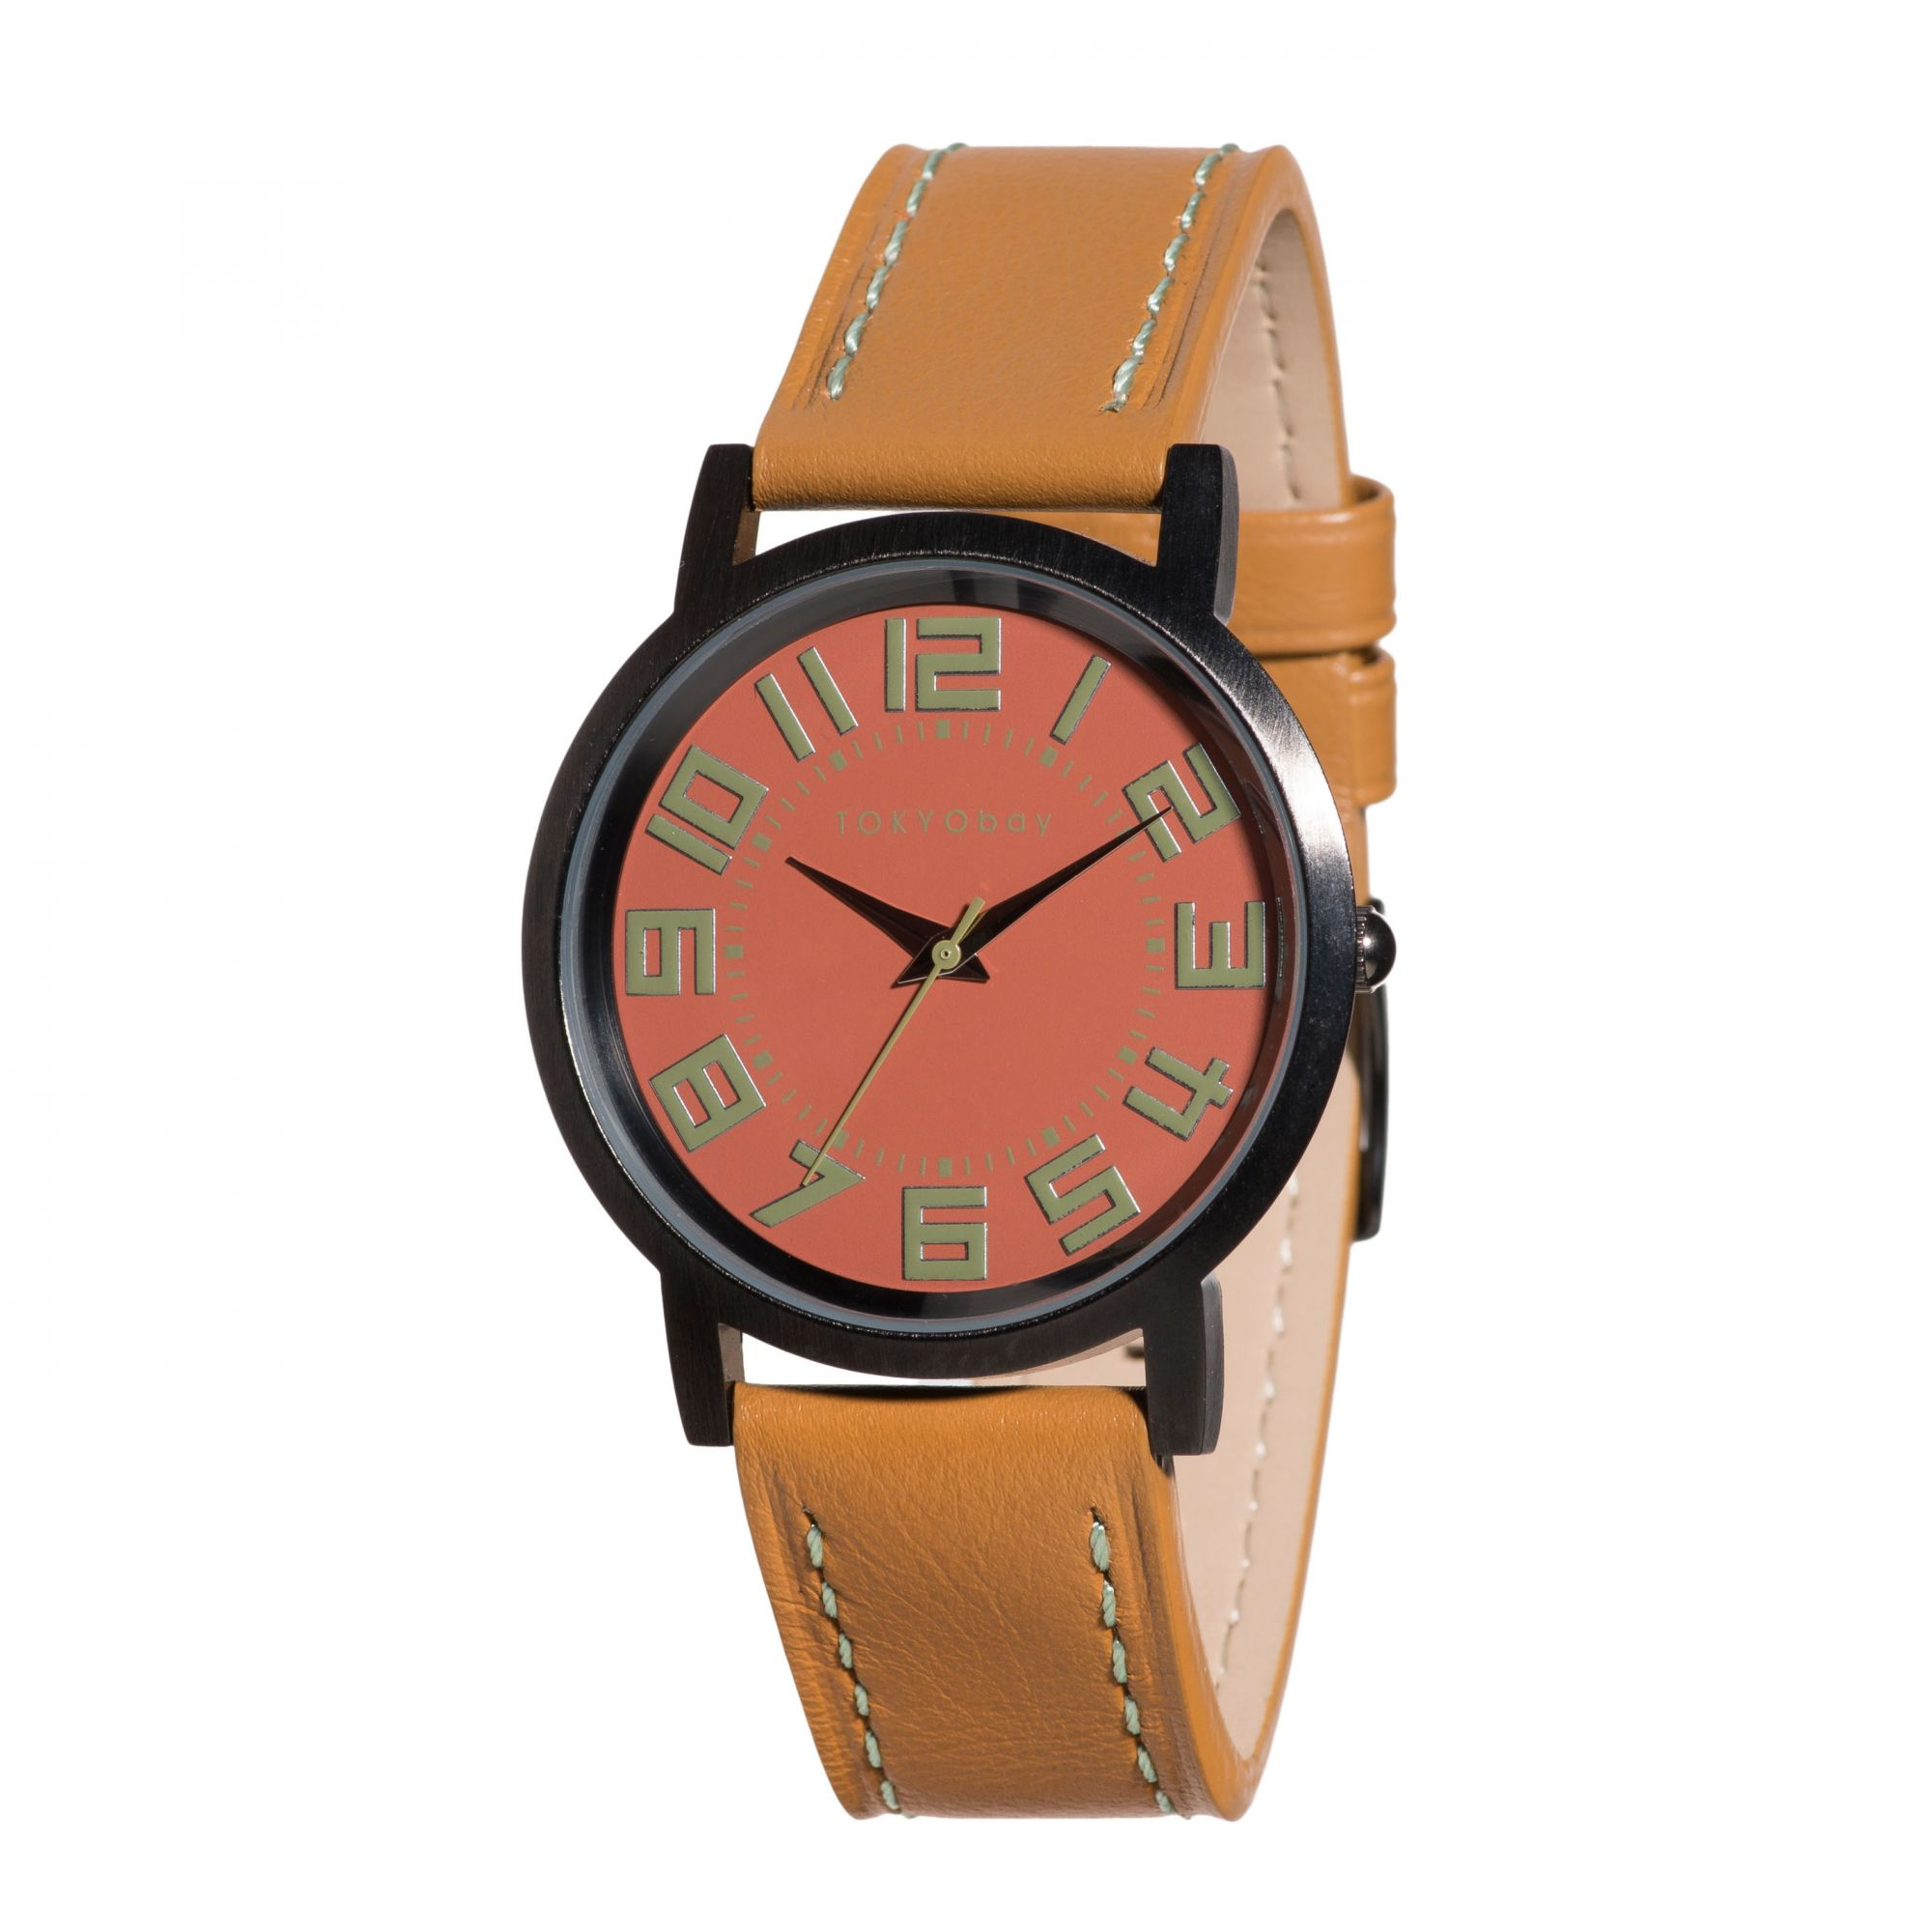 Часы наручные TOKYObay Track Carbon RustЧасы TOKYObay<br>Производитель: TOKYObay Inc. (США)<br>Механизм: кварцевый MIYOTA (Япония)<br>Корпус: 40/40/7 мм, металл(не содержит никель), задняя крышка из нержавеющей стали.<br>Стекло: ударопрочный оптический пластик<br>Размер ремешка: 20,5/1,9 см<br>Материал ремешка: натуральная кожа<br>Гарантия: 1 год<br><br>Механизм: кварцевый<br>Форма корпуса: Круг<br>Пол: женские<br>Материал корпуса: металл<br>Ремешок: натуральная кожа